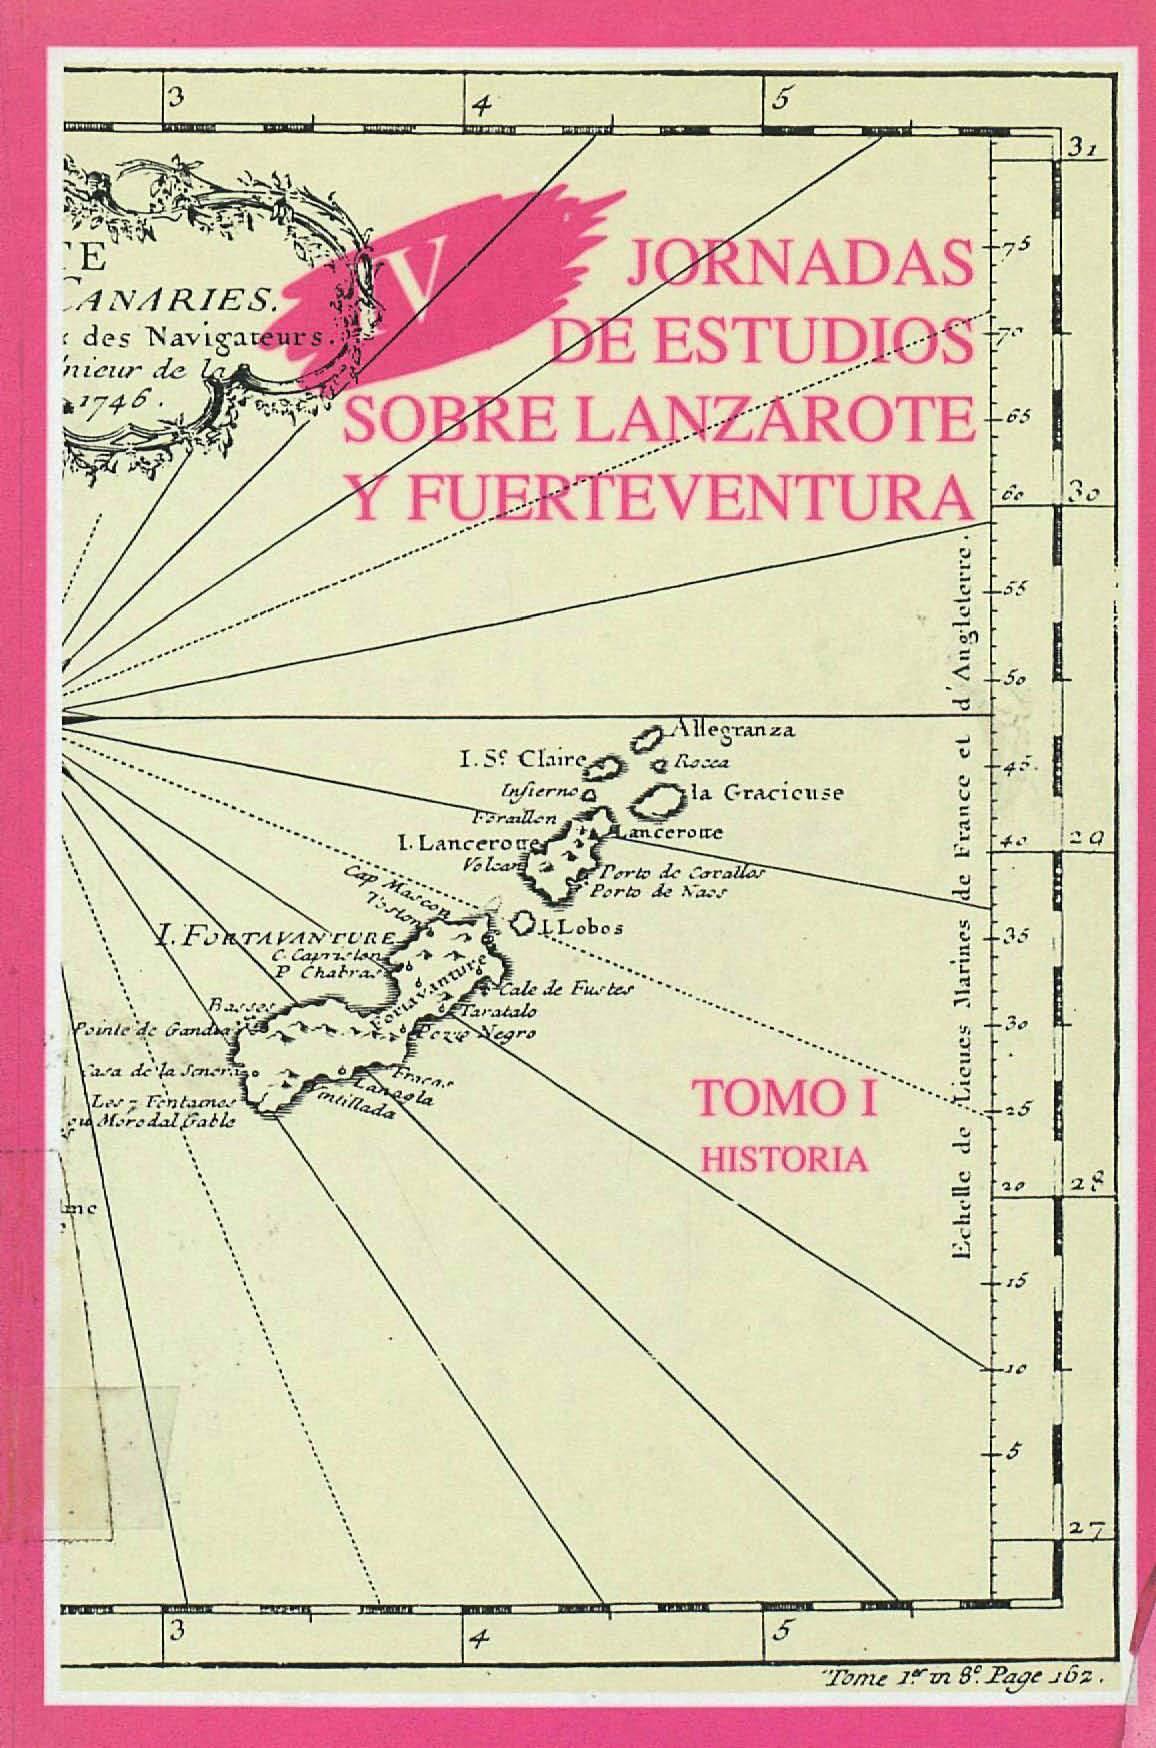 Lanzarote y Fuerteventura en las crónicas del S. XV-XIX